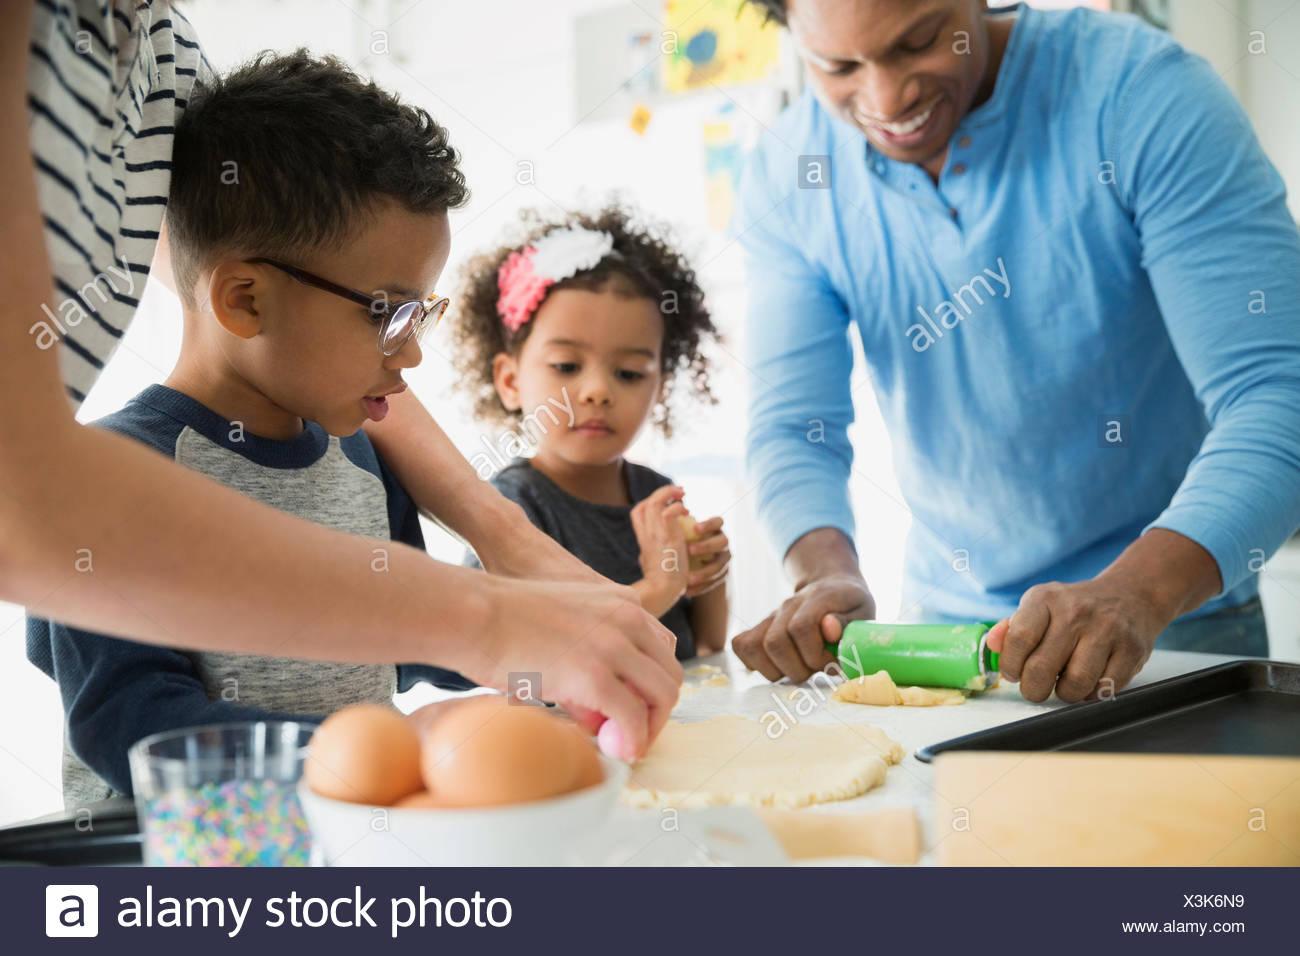 Family baking déploiement de cookie dough Photo Stock